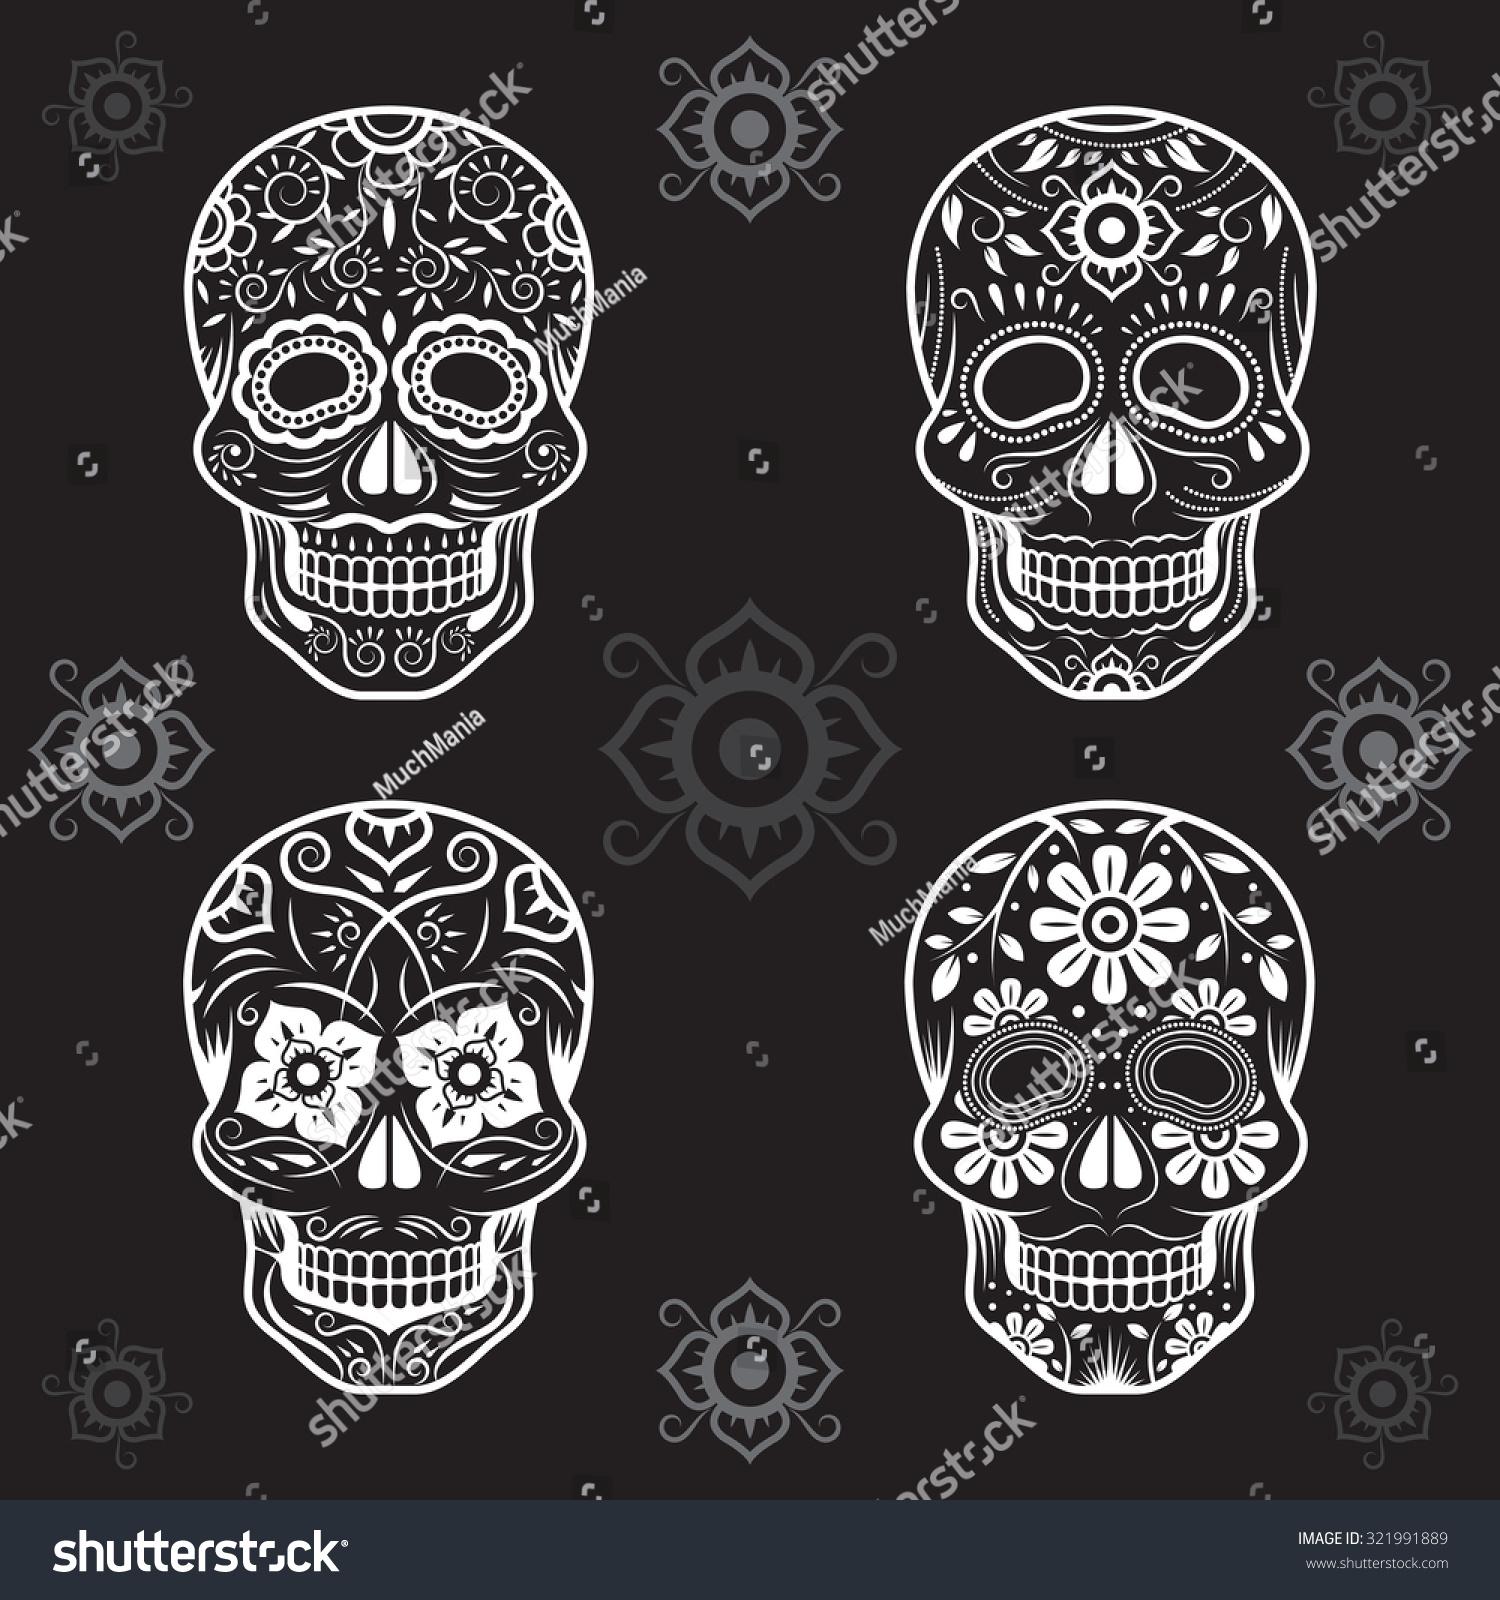 Day of the Dead Skulls Black and White Set White or Light